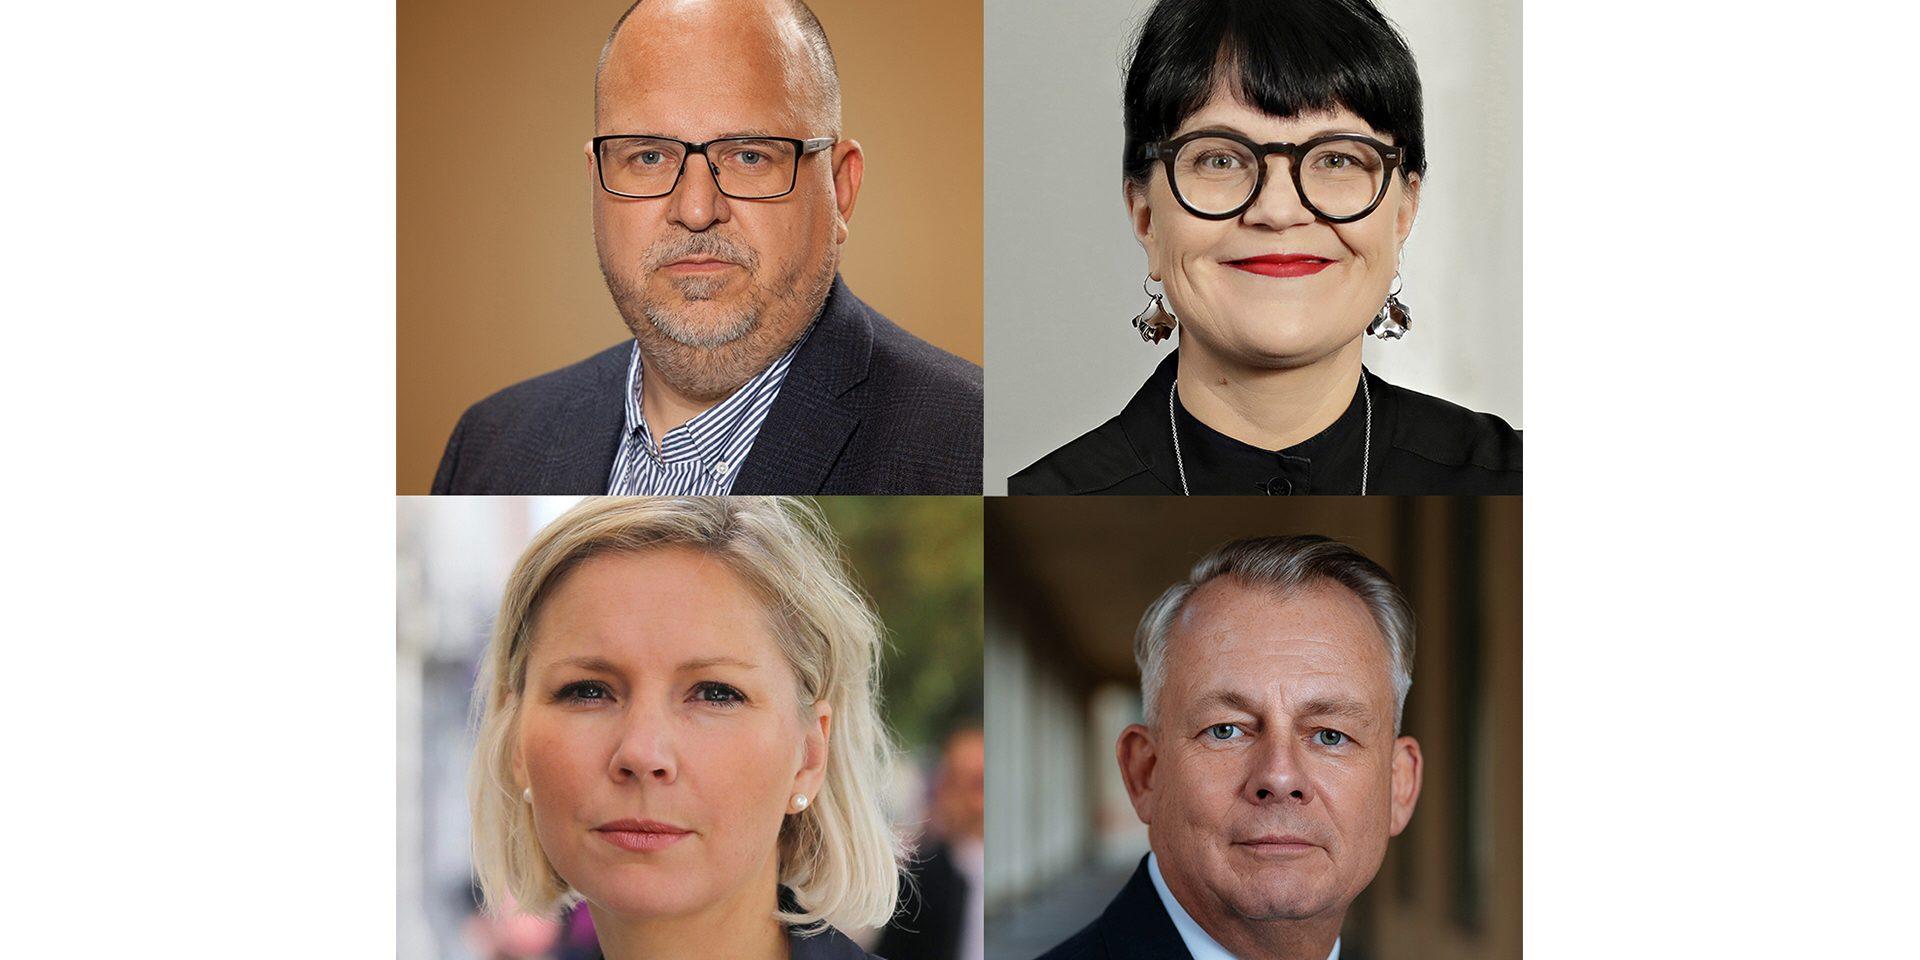 Karl-Petter Thorwaldsson, ordförande LO, Göran Arrius, ordförande Saco ochTherese Svanström, ordförande TCO ställer tillsammans med Sofia Östmark, kanslichef på Union to Union, högre krav på regeringens internationella arbete.